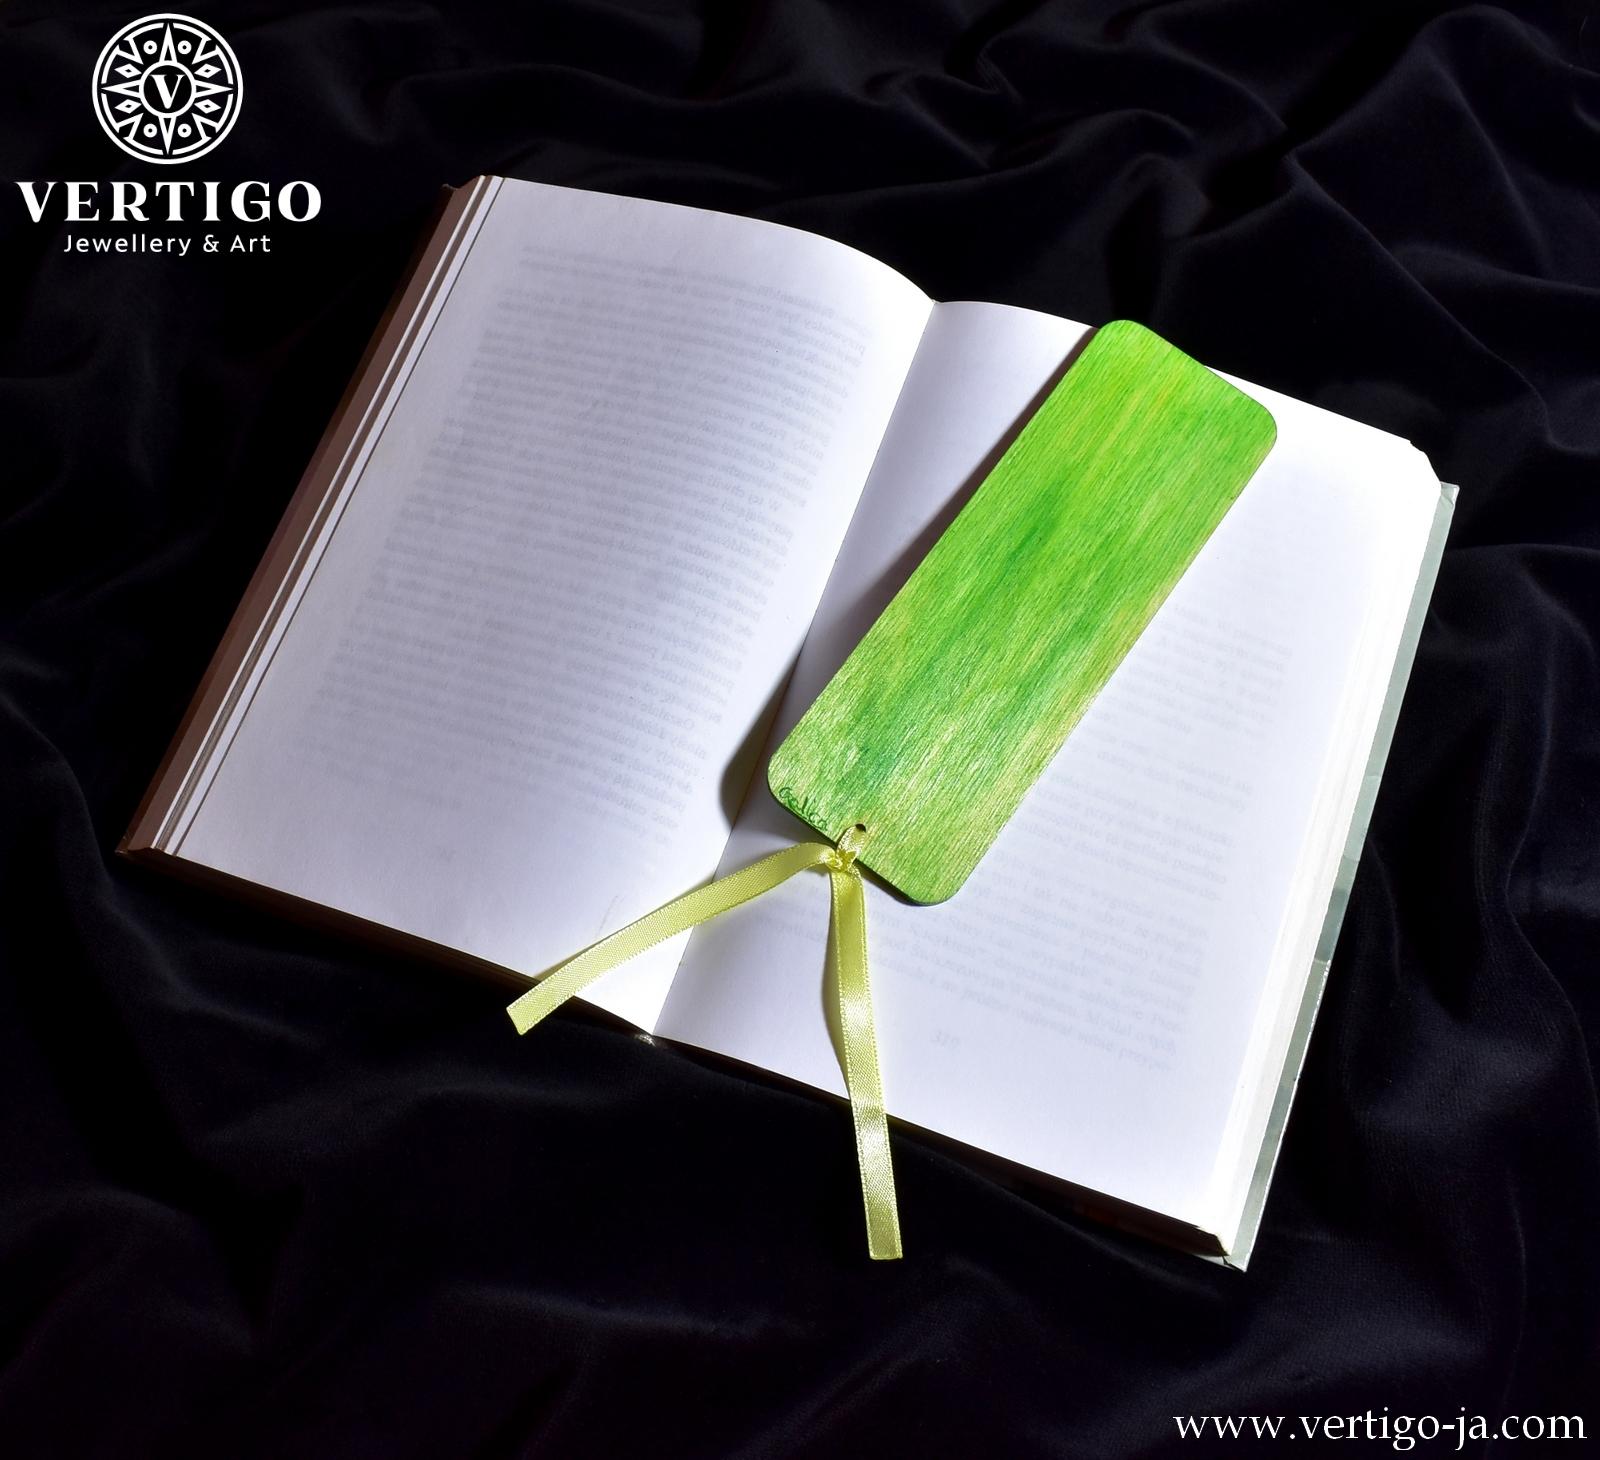 Zielony tył drewnianej zakładki do książki z kolorowym ptakiem żołną